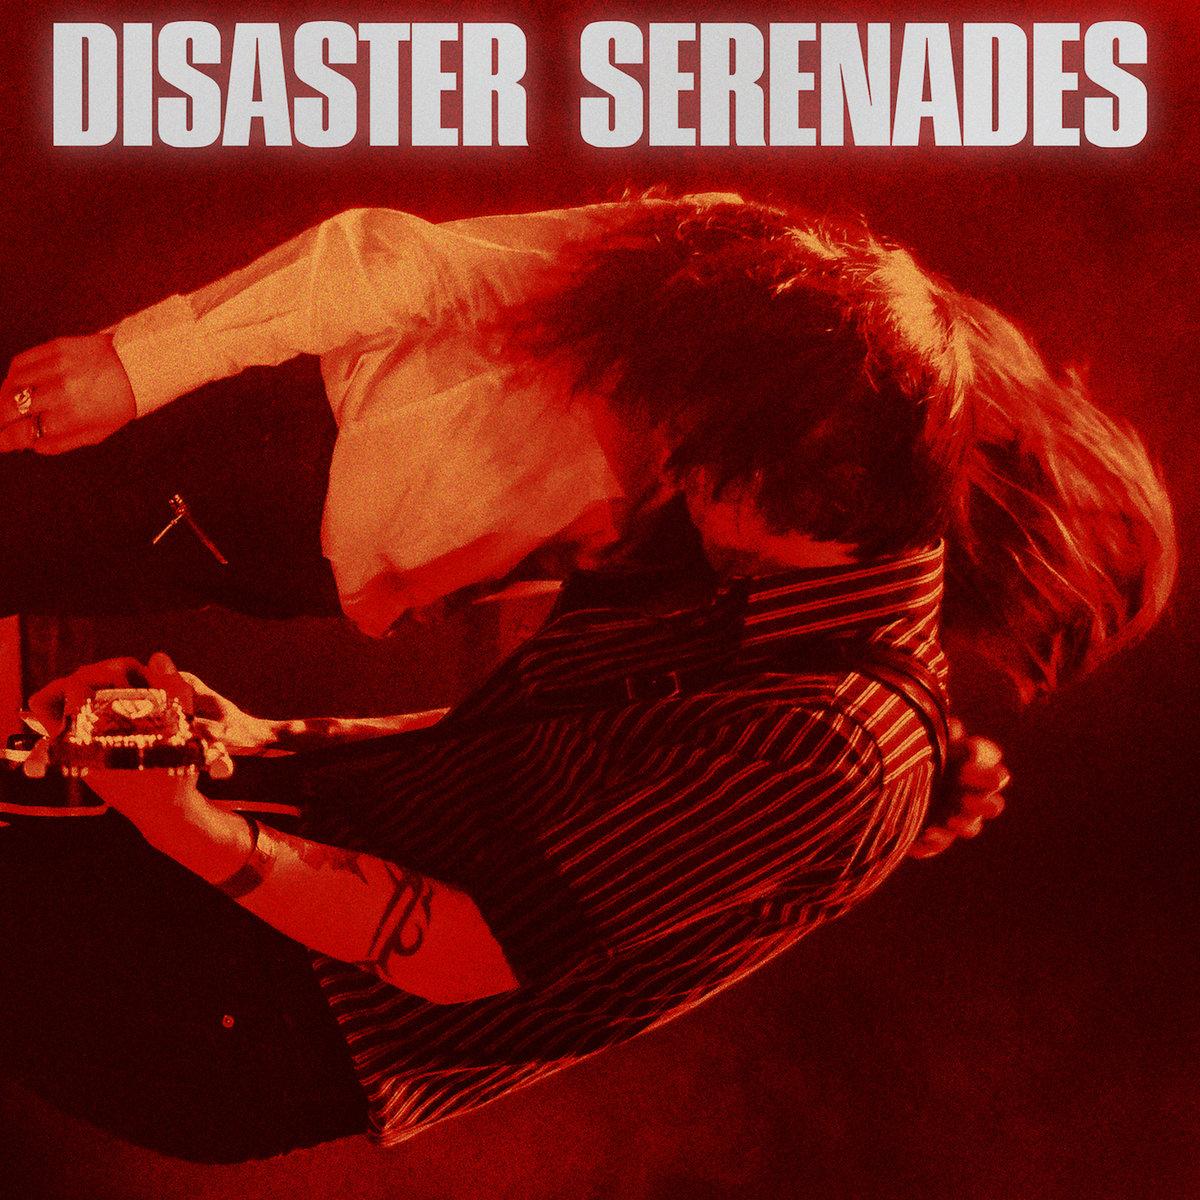 Parlor Snakes – Disaster Serenades